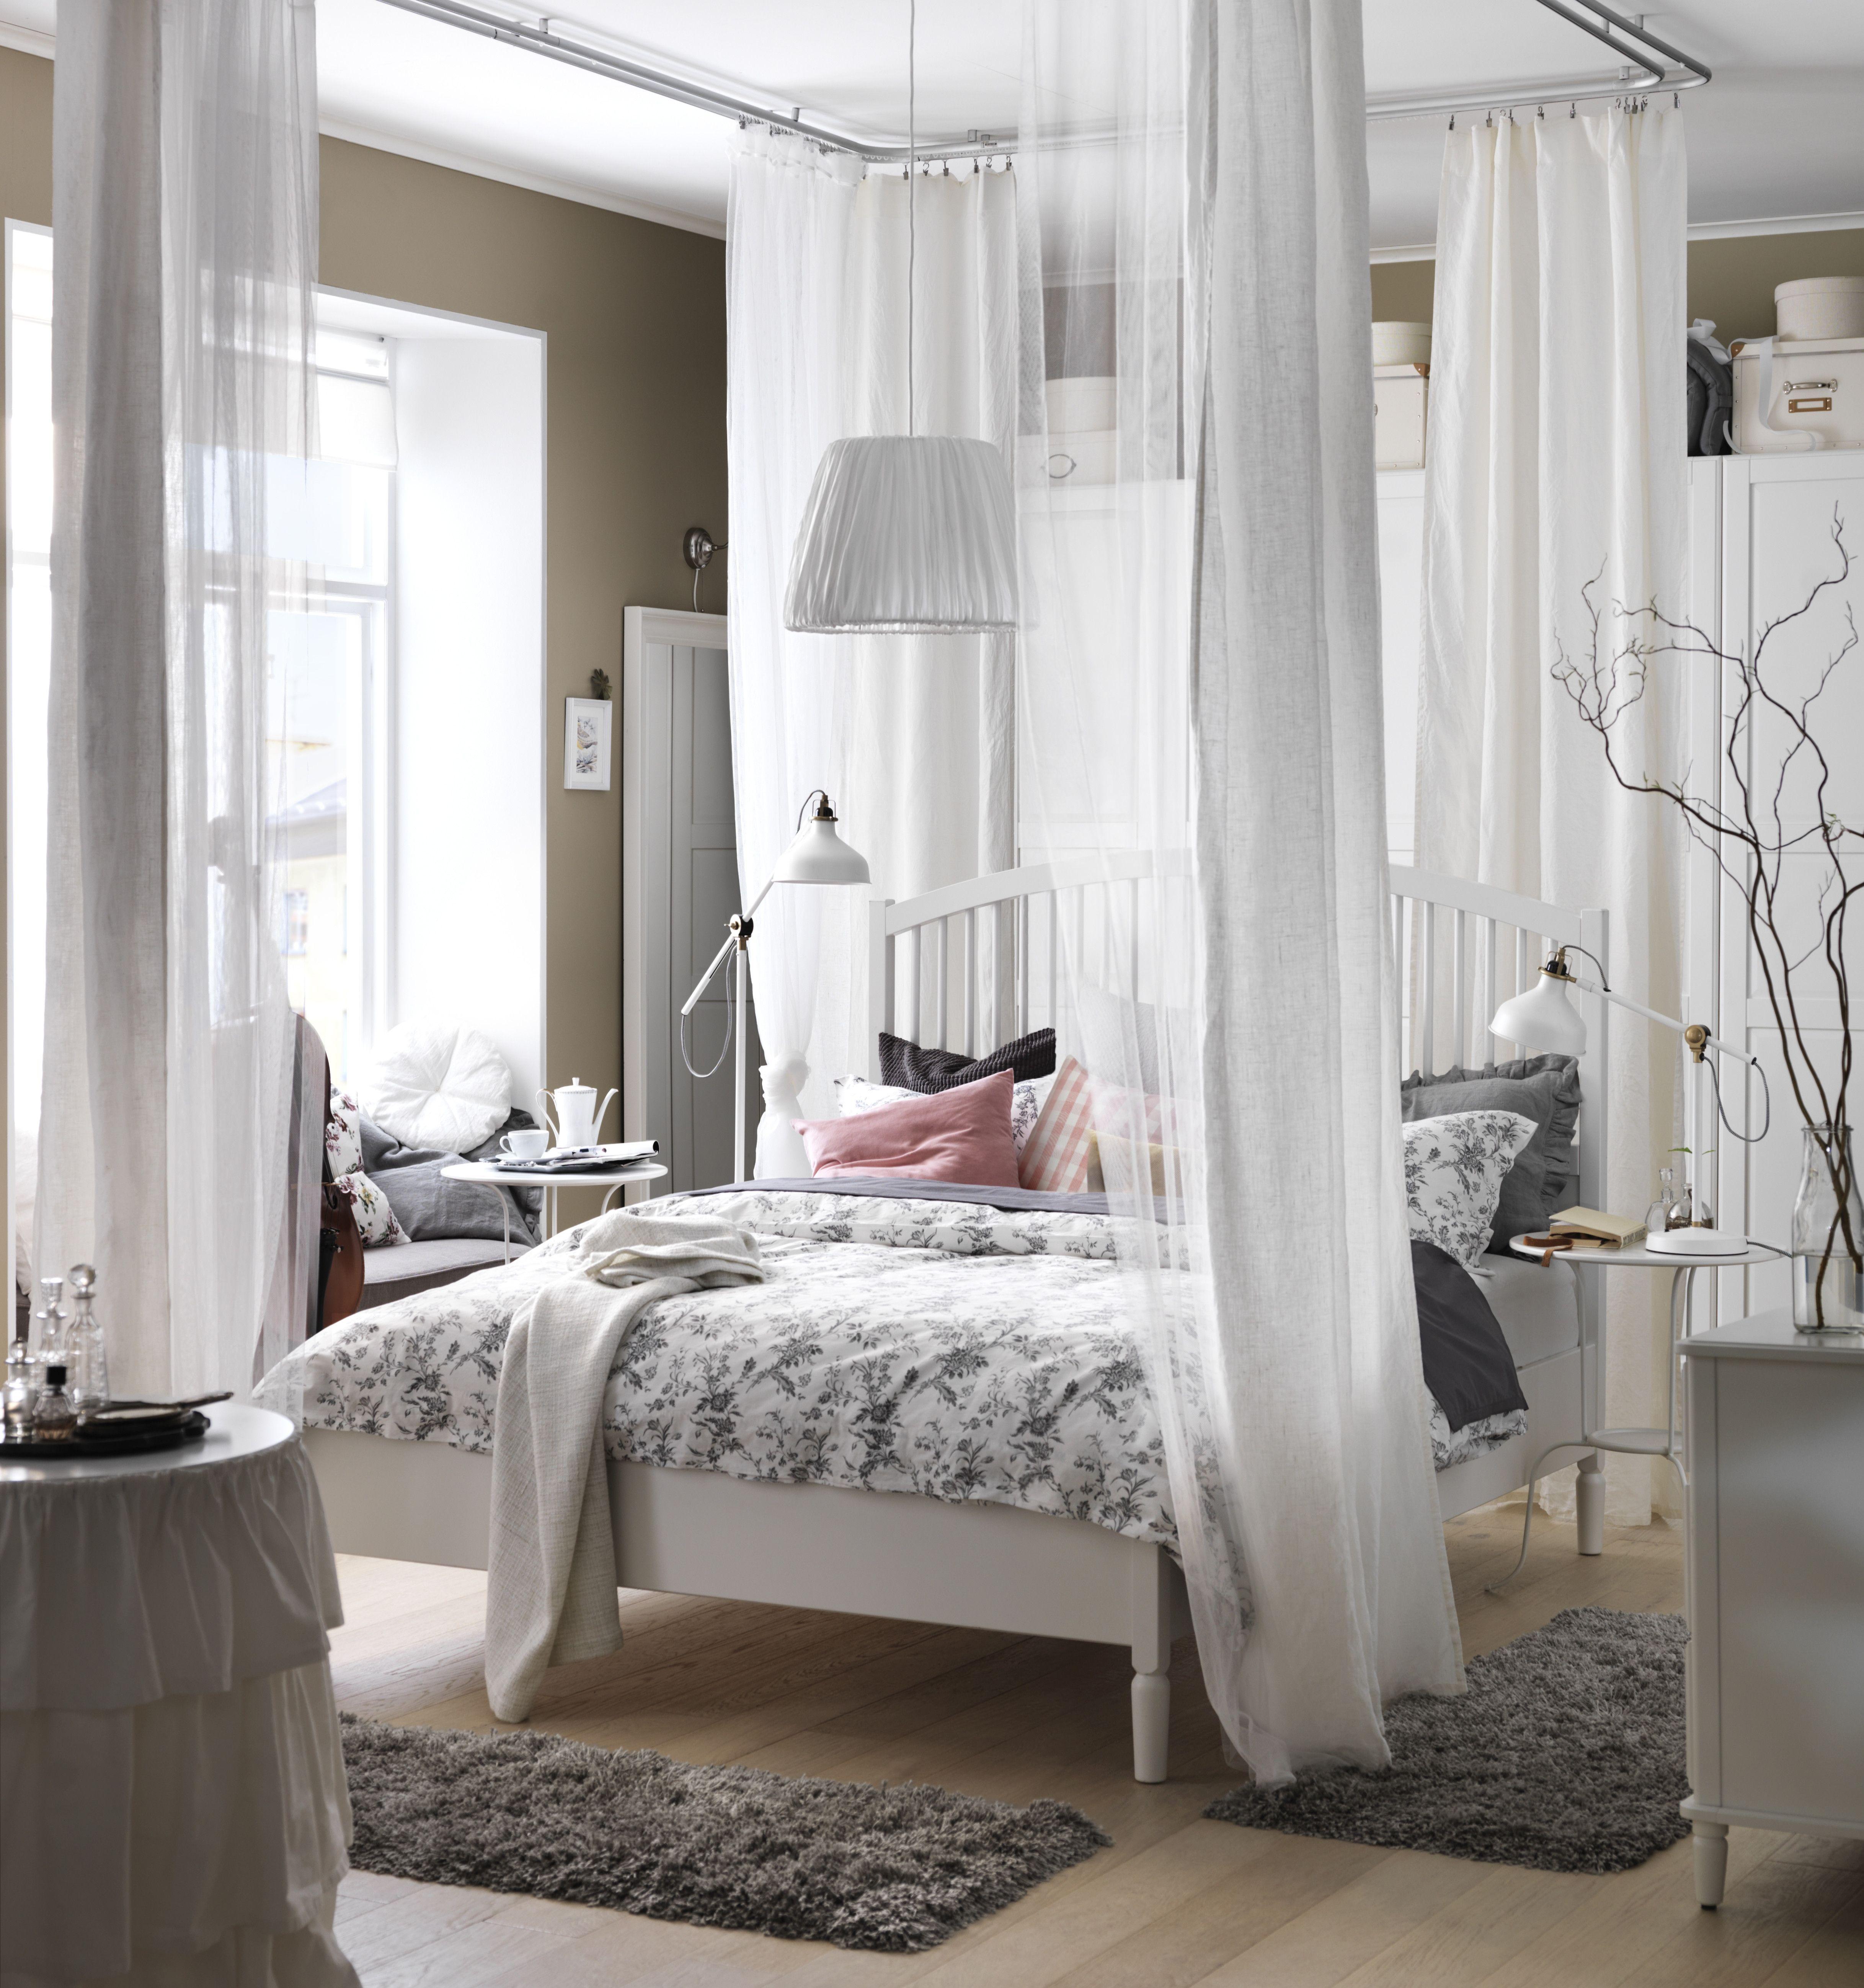 schlafzimmer | Schlafzimmer einrichten, Ikea schlafzimmer ...